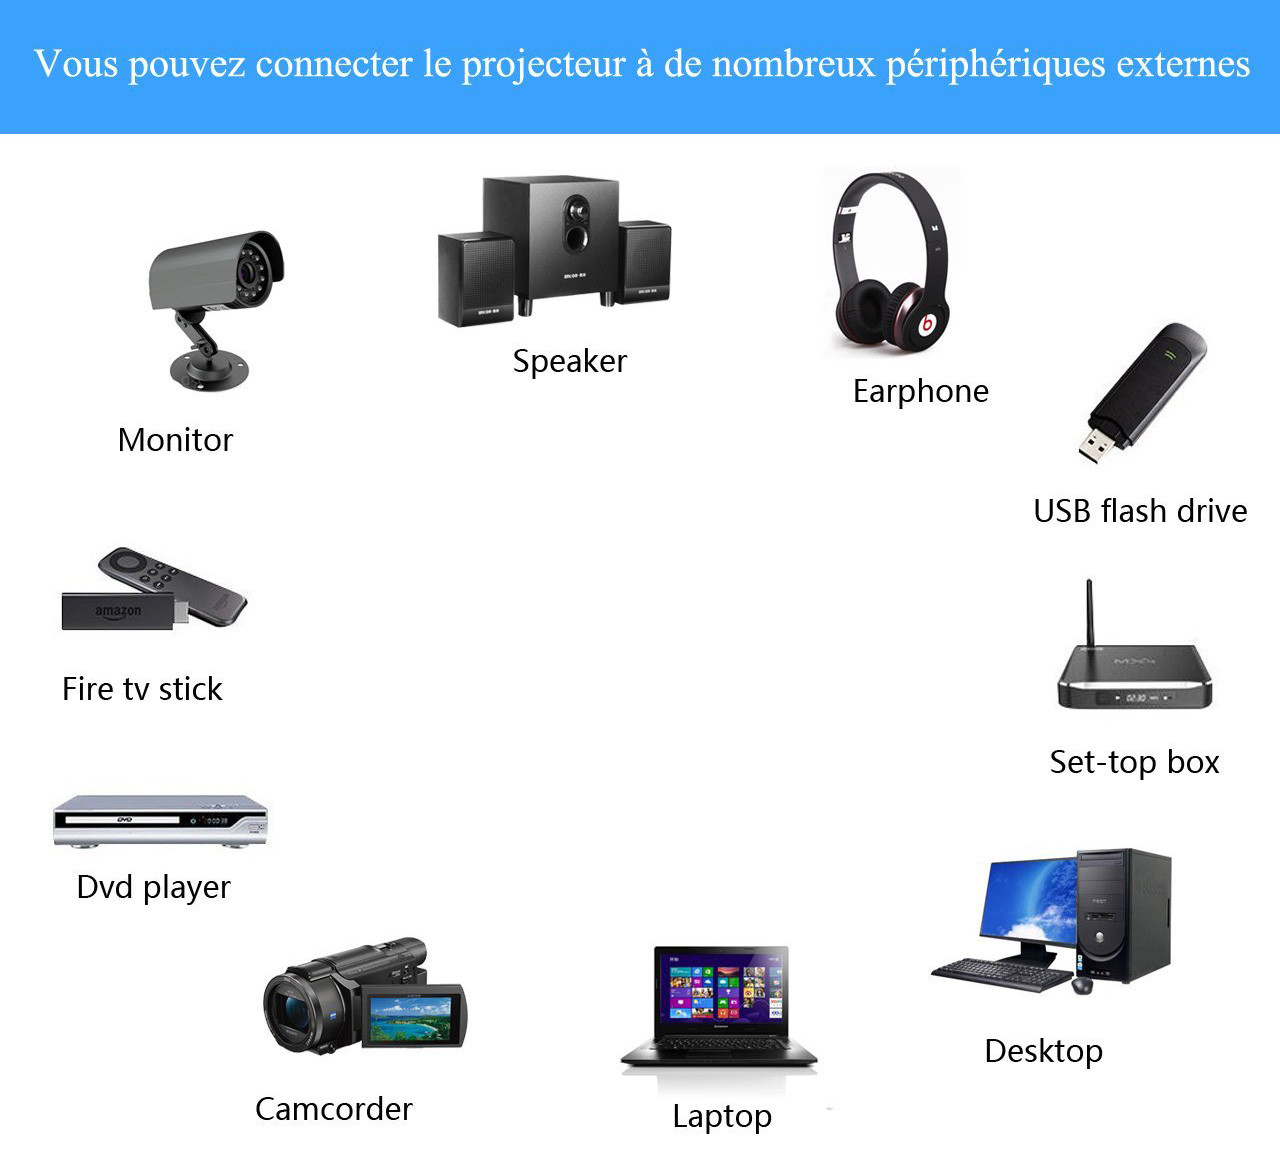 pico projecteur connectivité